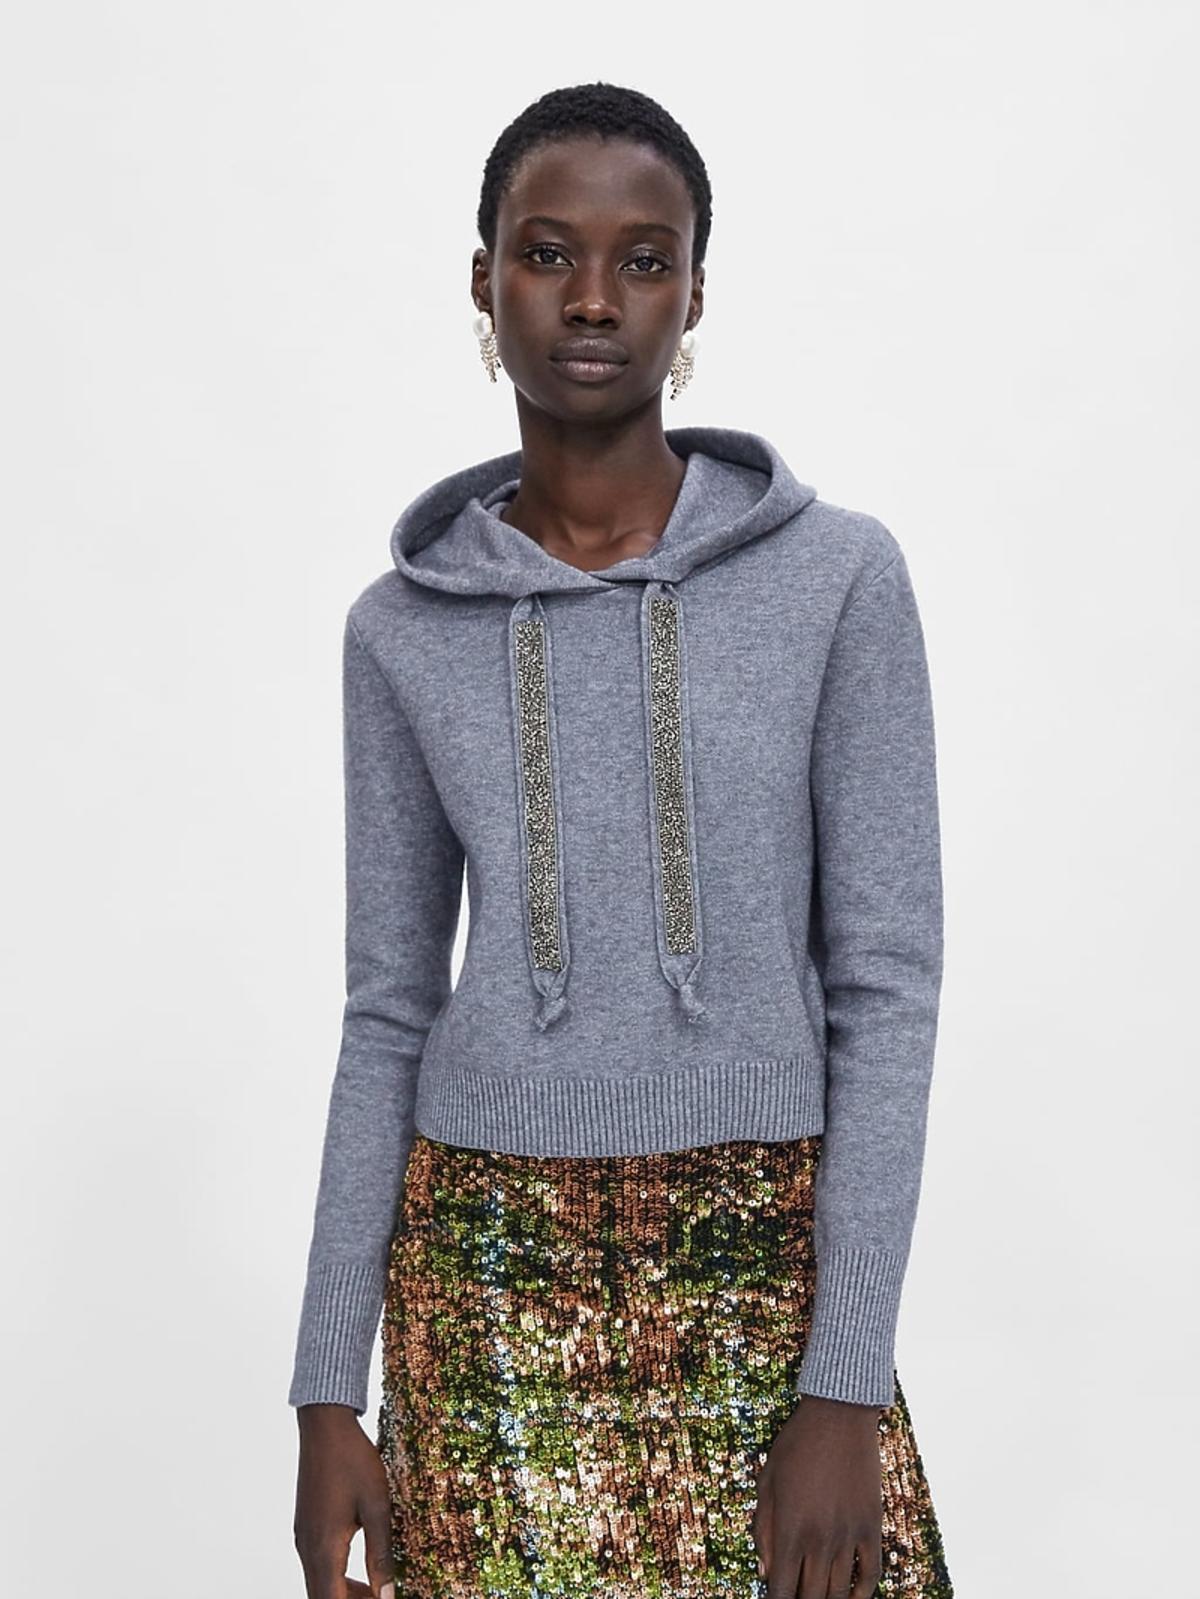 Bluza Zara cena 139 zł